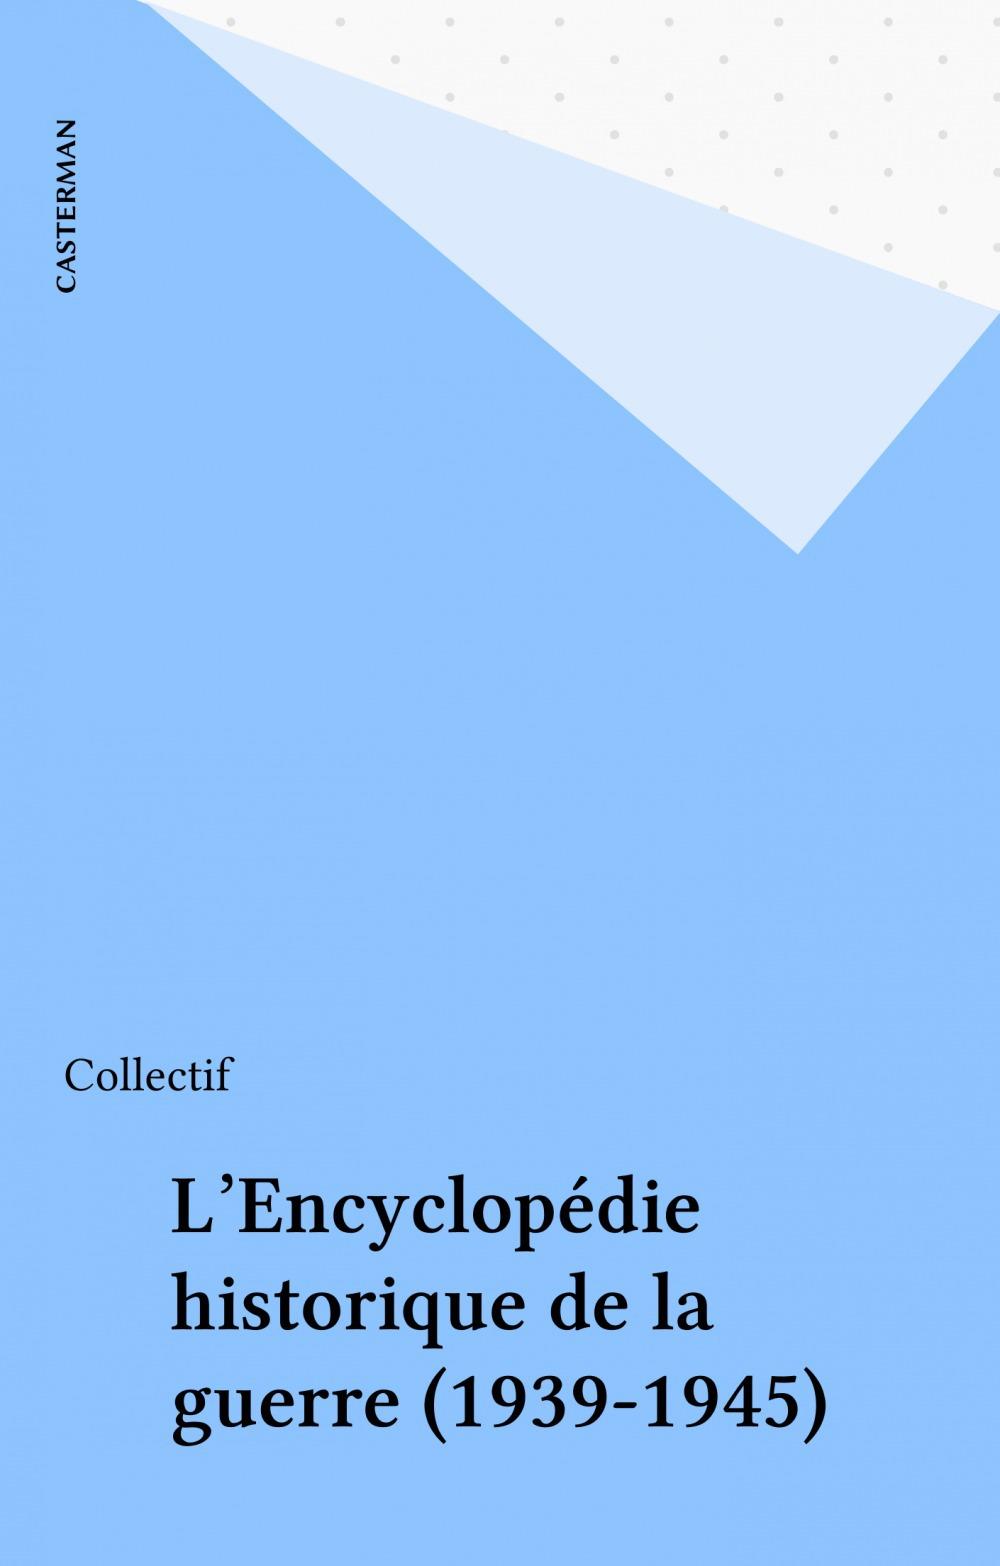 L'Encyclopédie historique de la guerre (1939-1945)